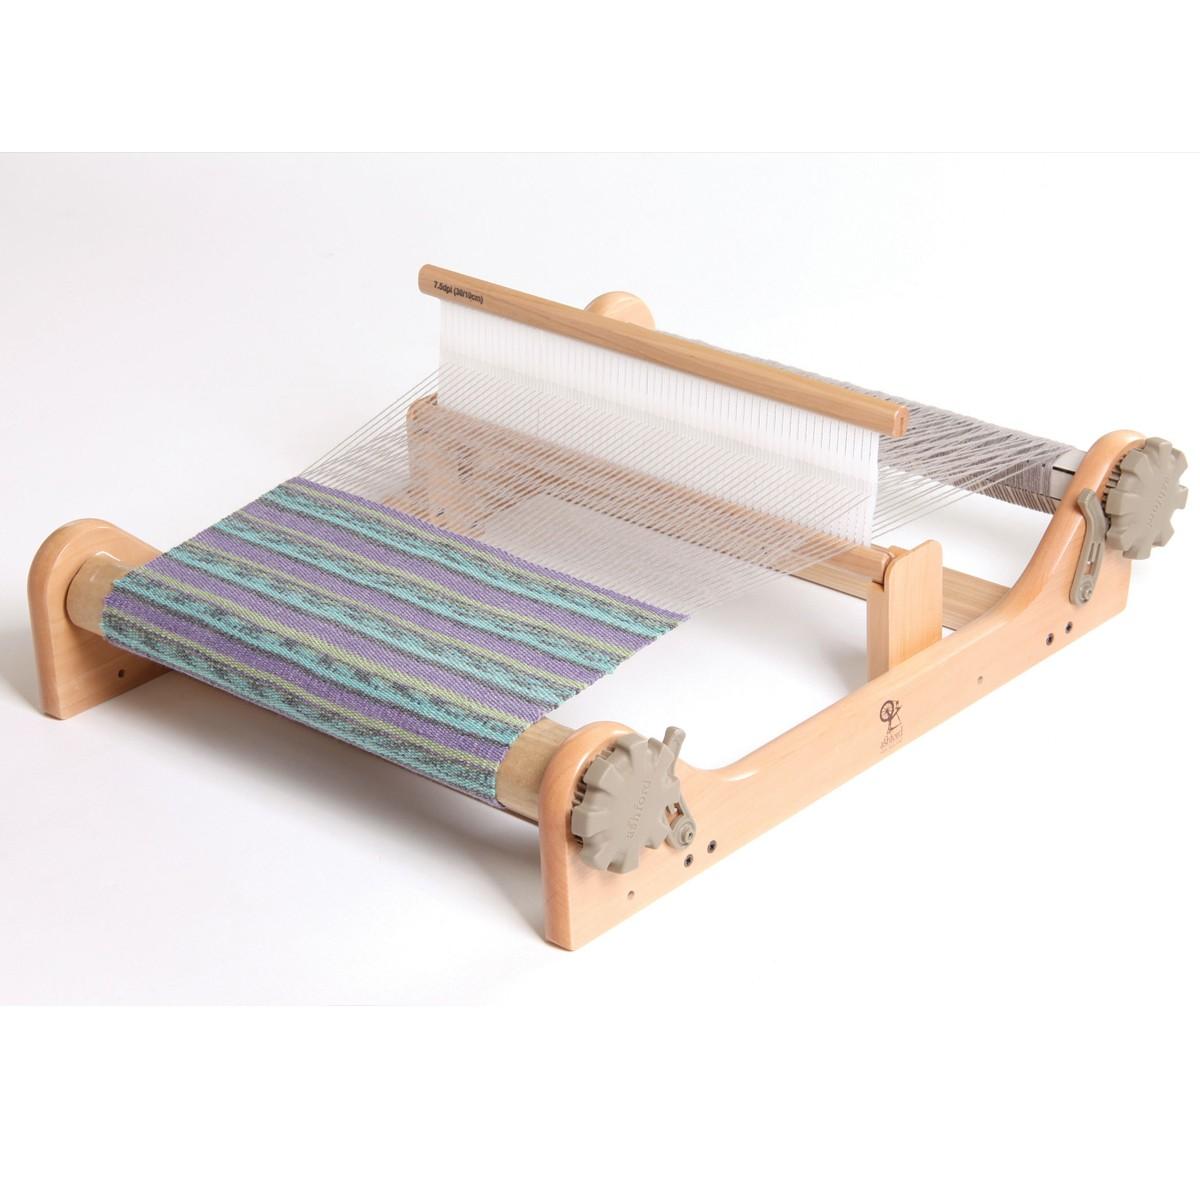 初心者向けの手織り機です 希少 国内即発送 手織り機 リジッドヘドル 組立式 織幅40cm 敬老の日 ギフト 織り機 プレゼント 手織り 機織り 織物